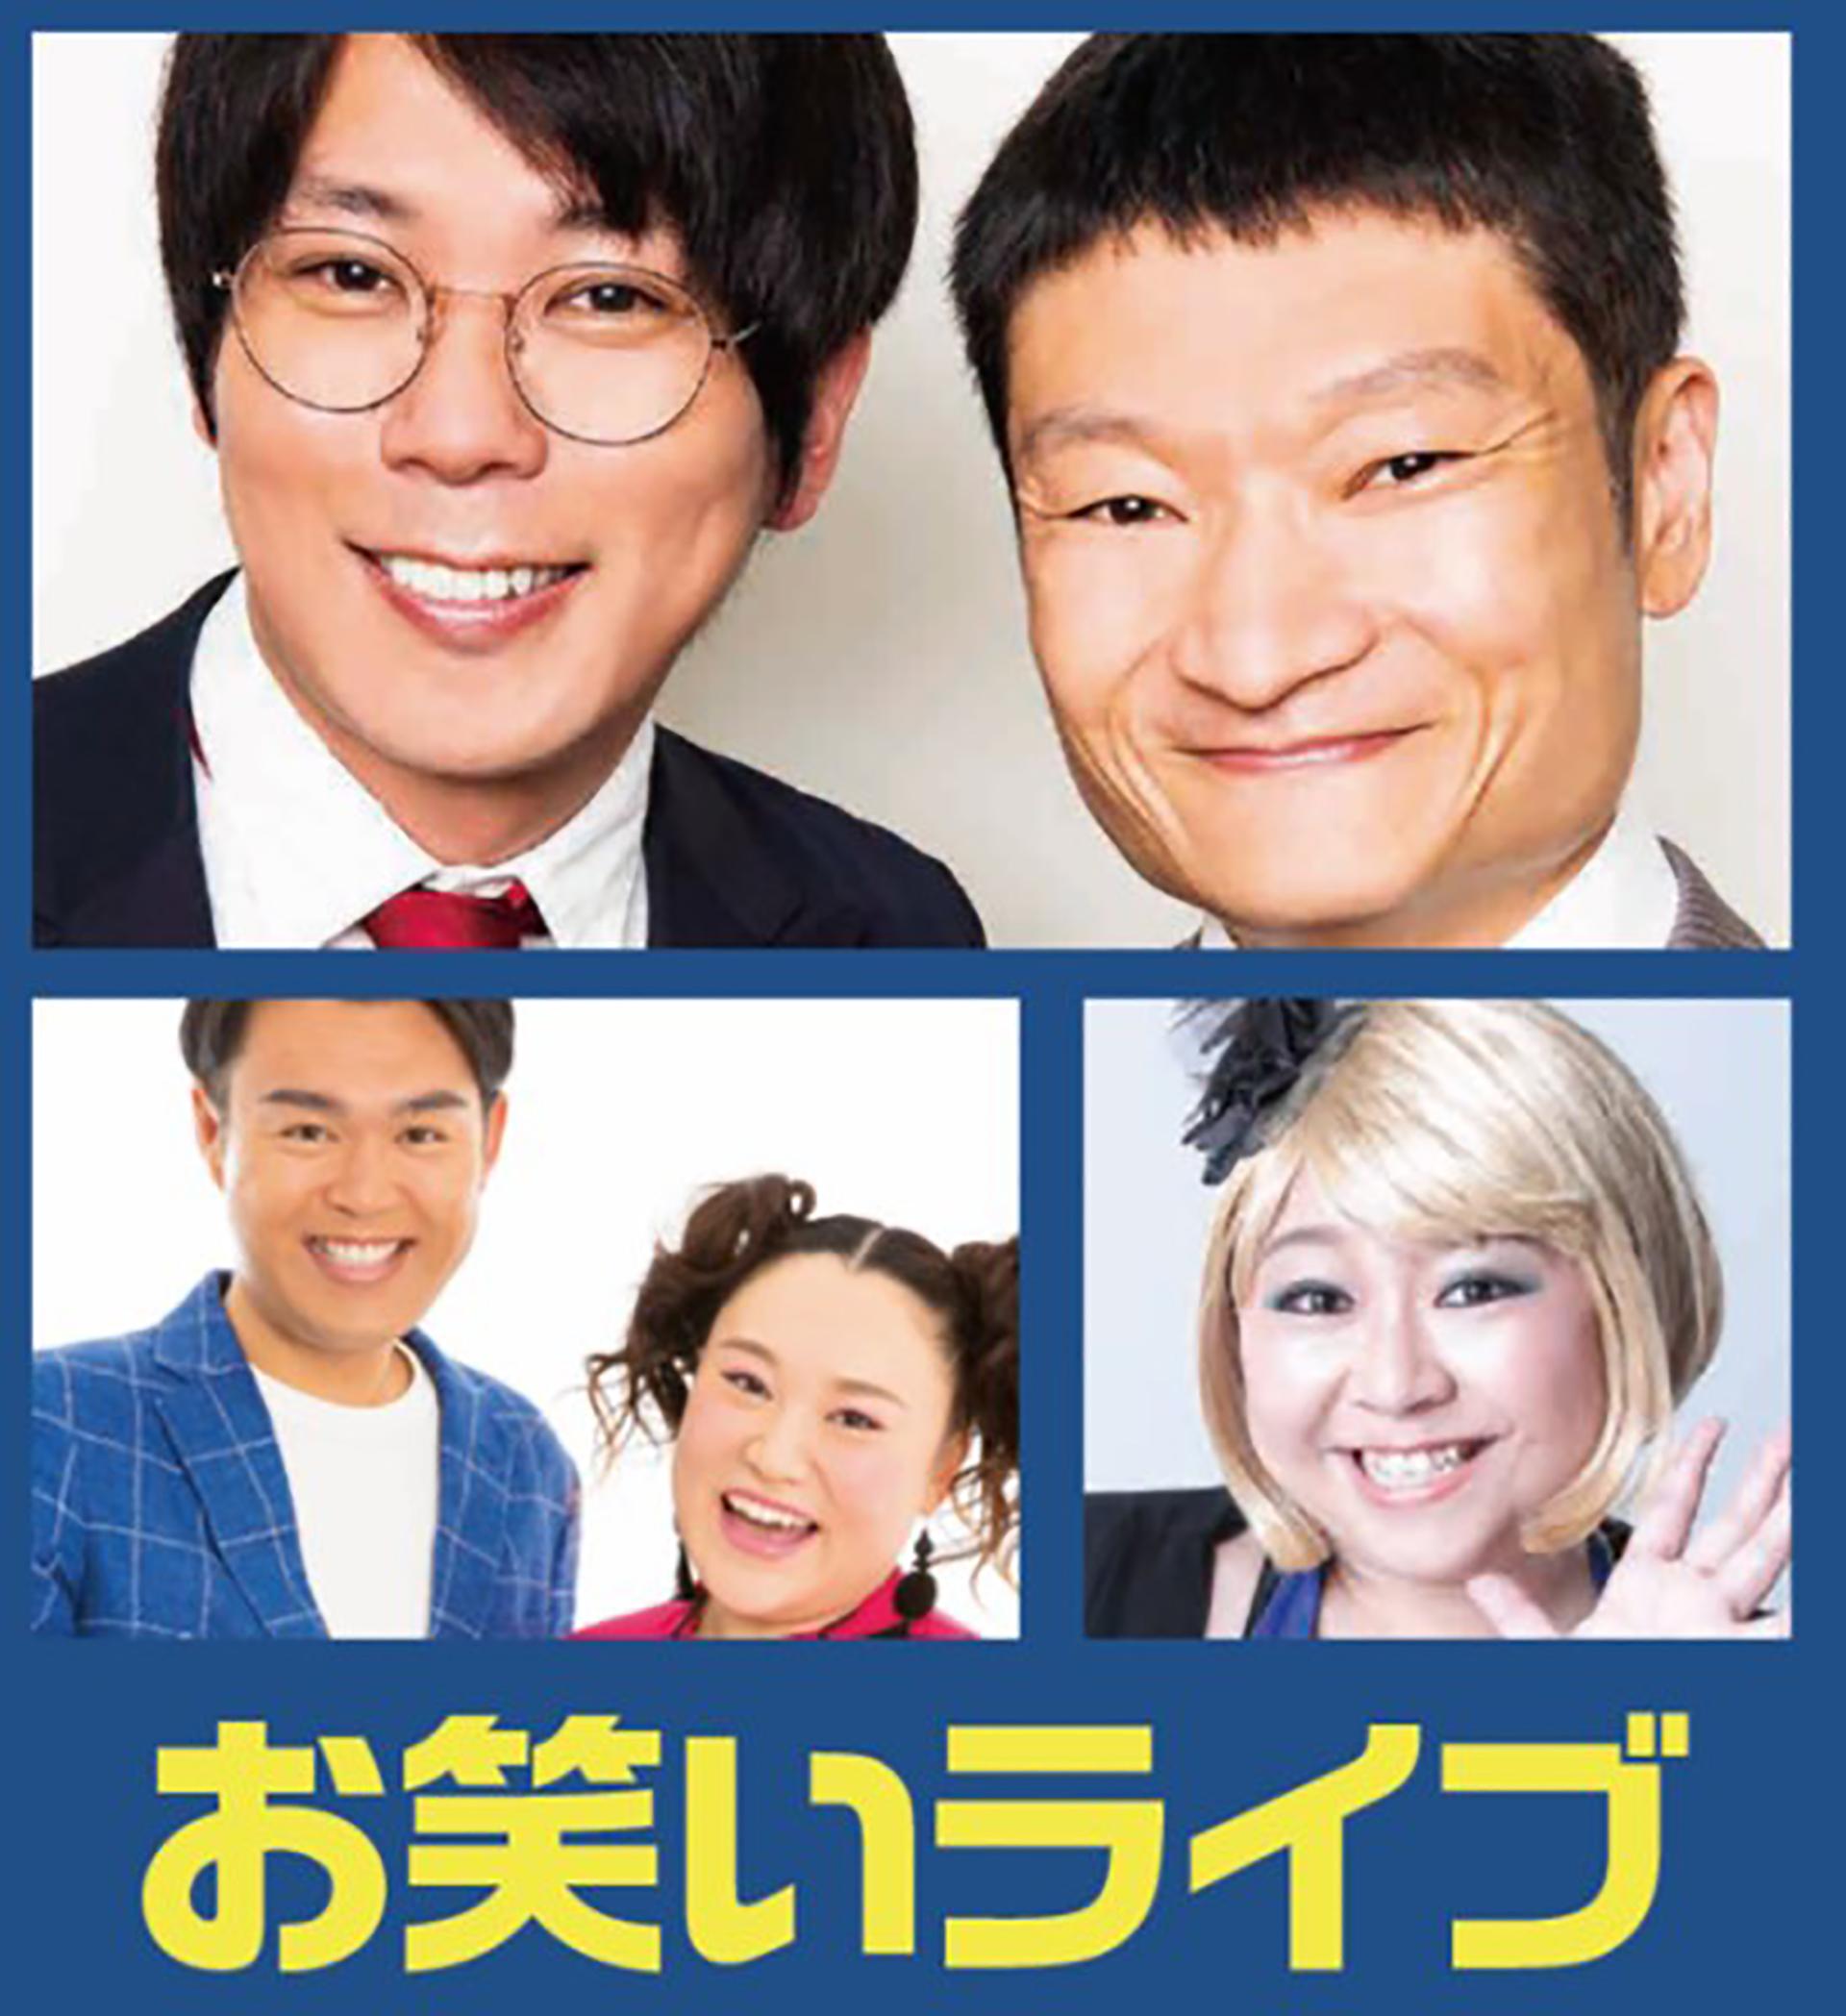 ららぽーと横浜13周年記念イベント・吉本お笑い